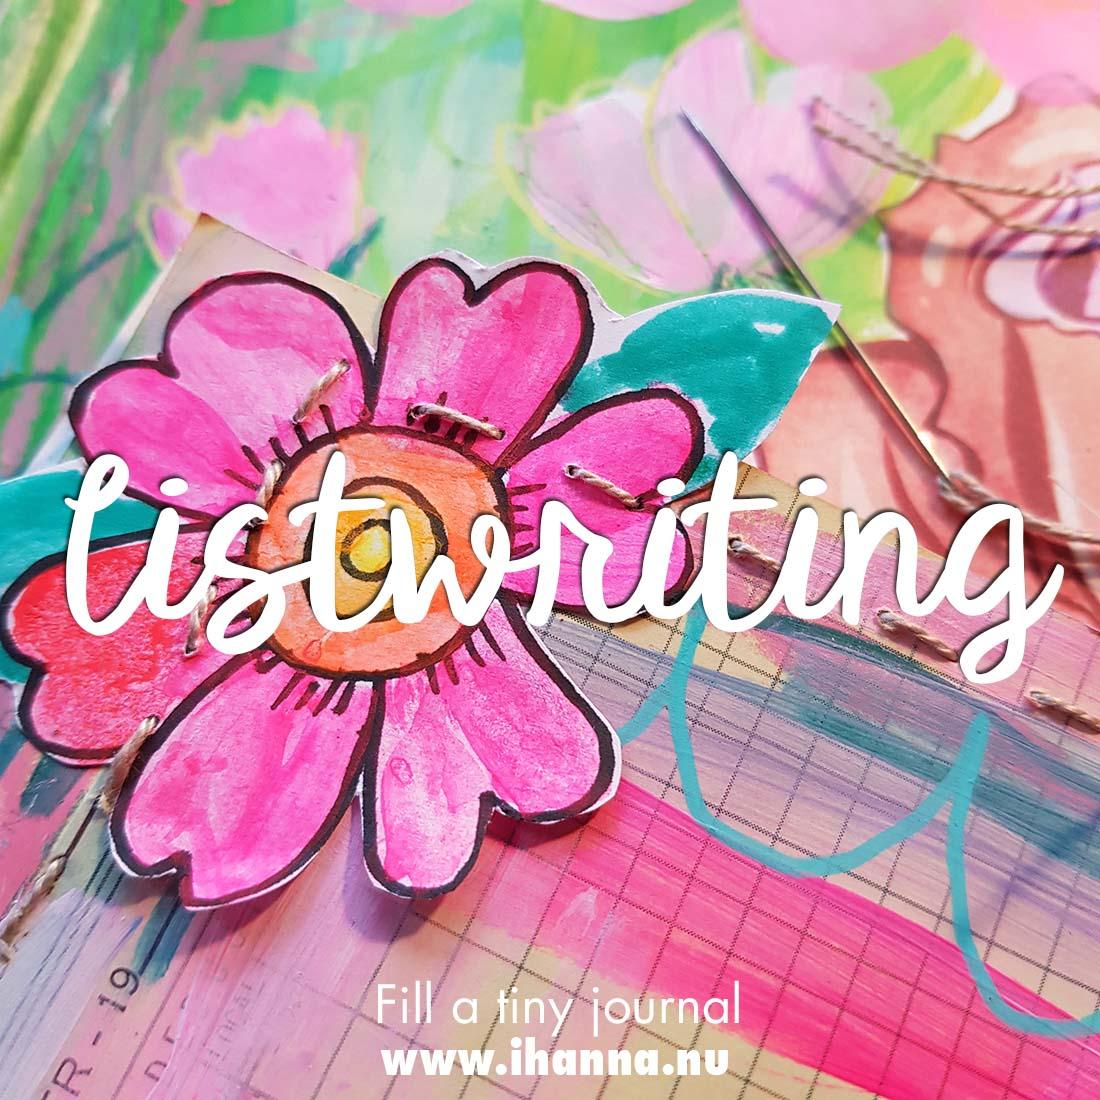 Fill a tiny Journal: Make a List